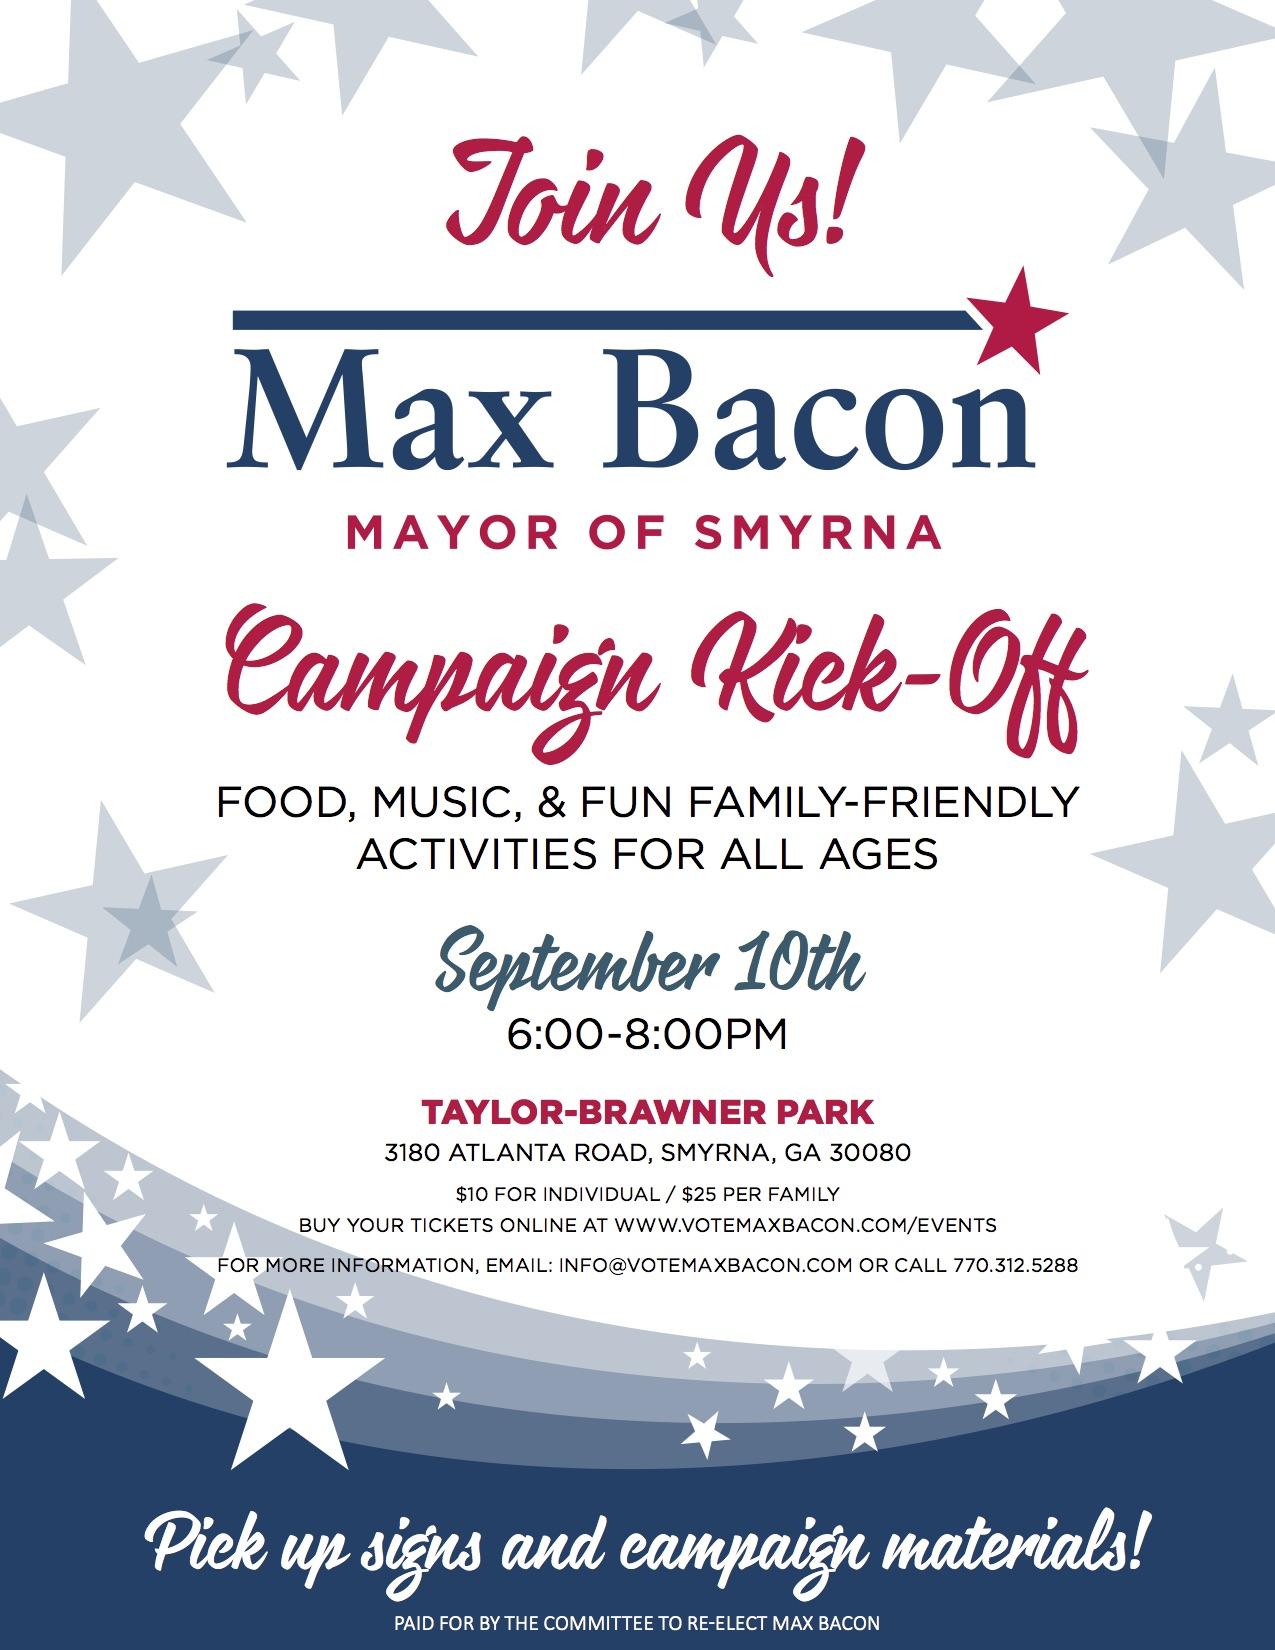 Max Bacon Kickoff